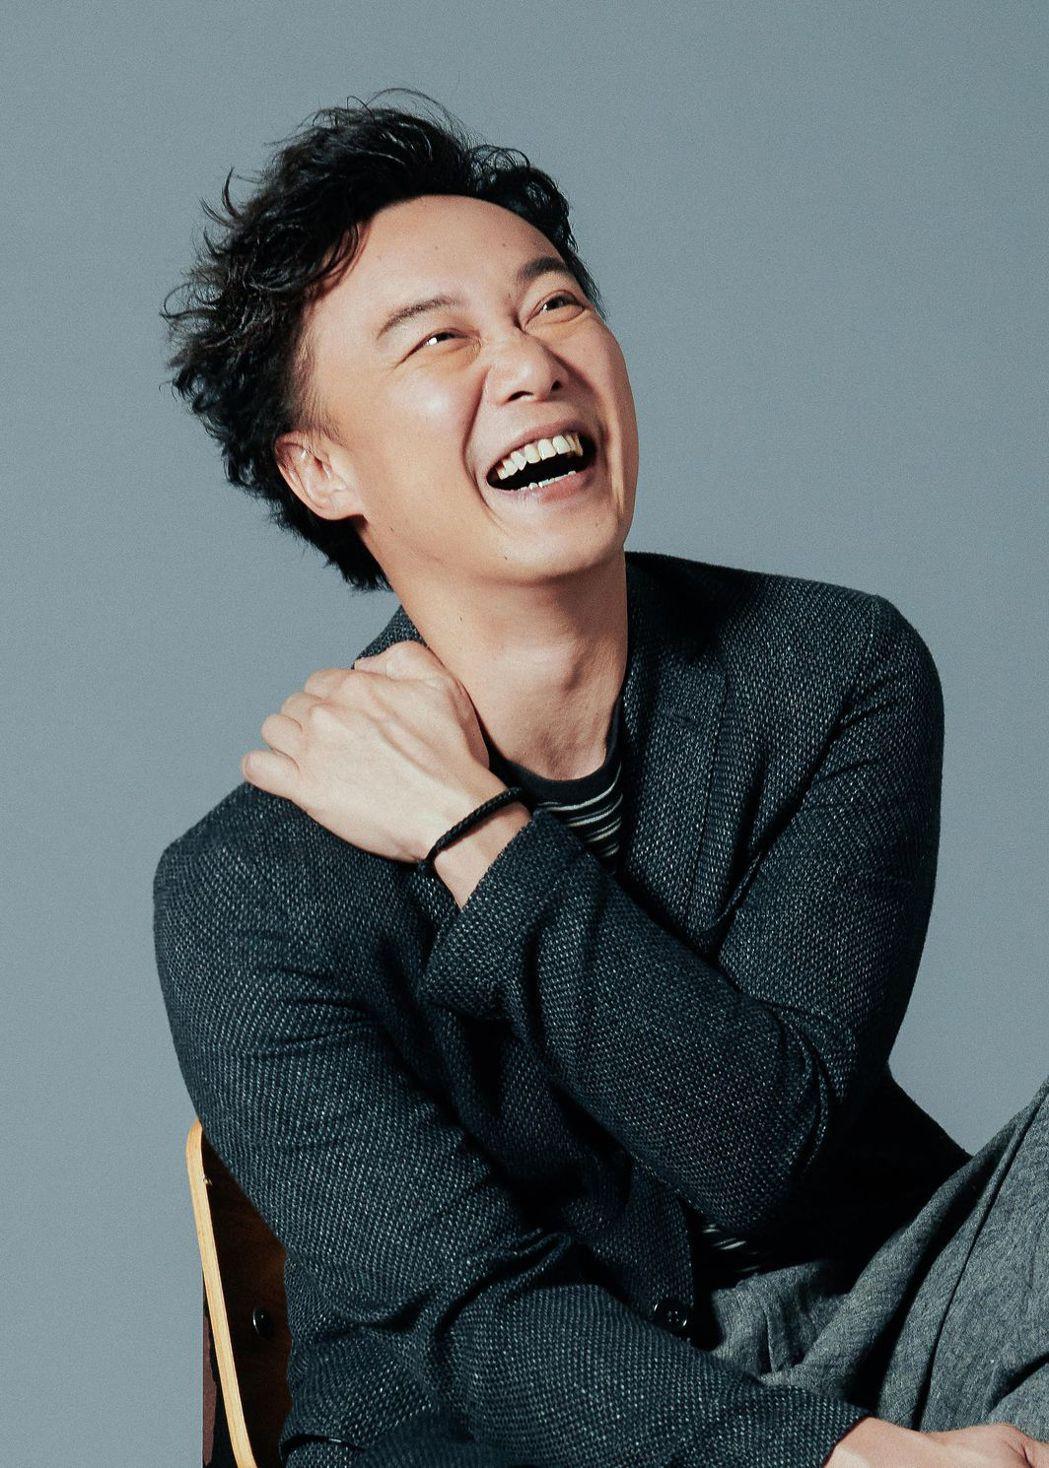 陳奕迅將受邀到金曲獎表演。圖/台視提供